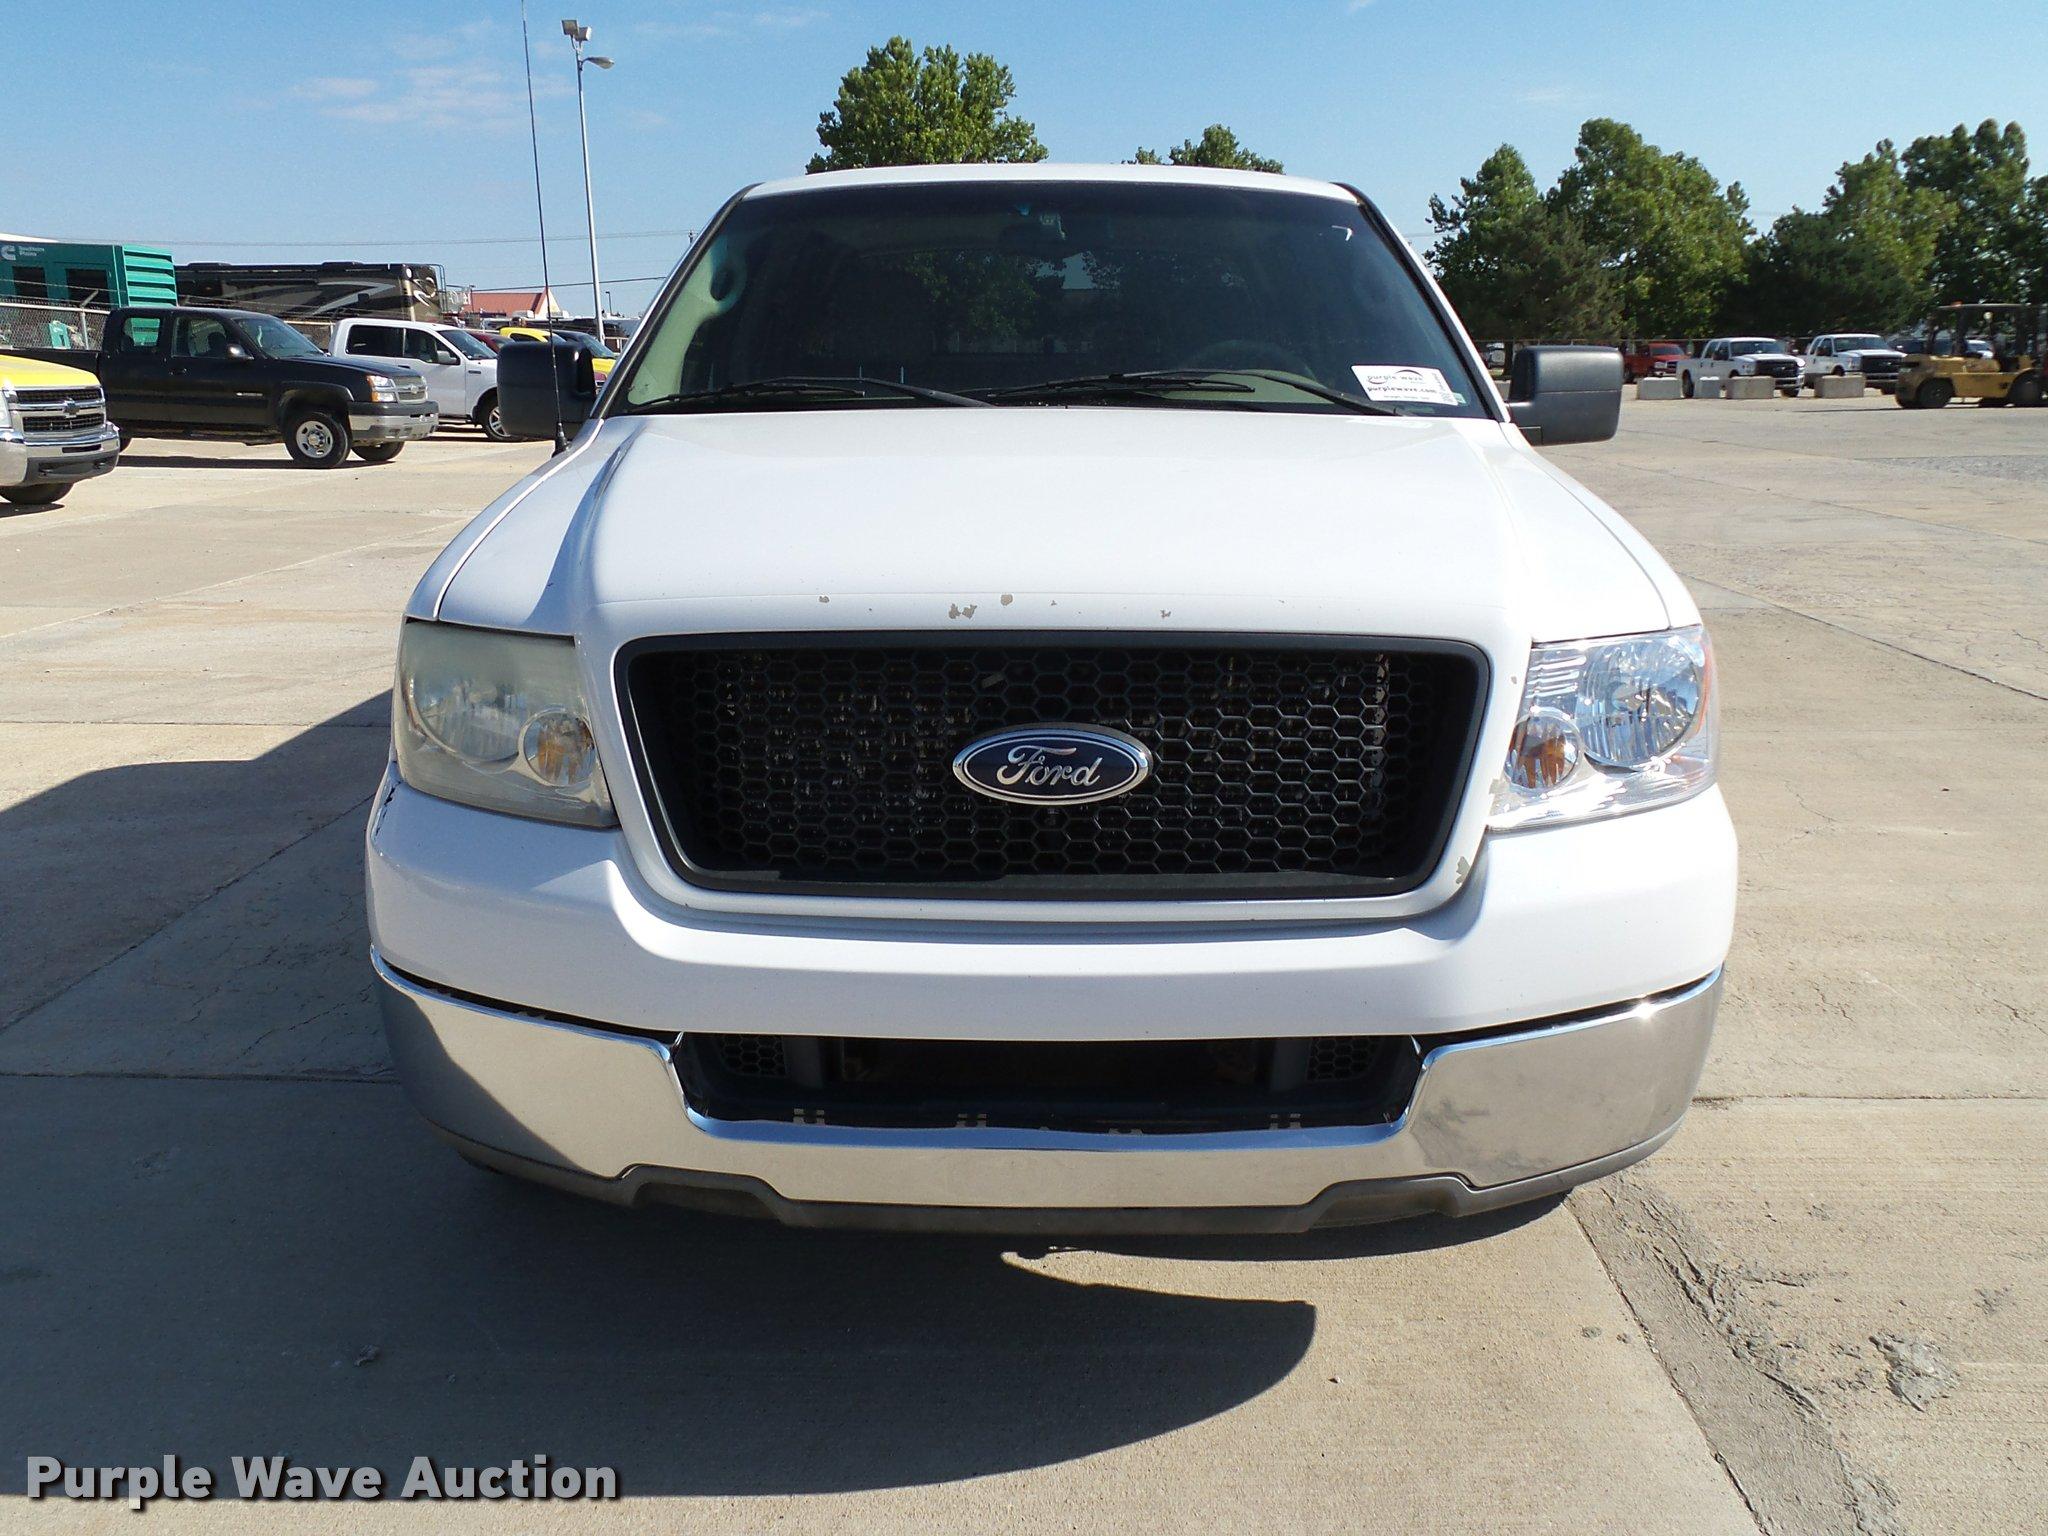 2004 Ford F150 Xlt Supercrew Pickup Truck Item Db4060 So F 150 Full Size In New Window